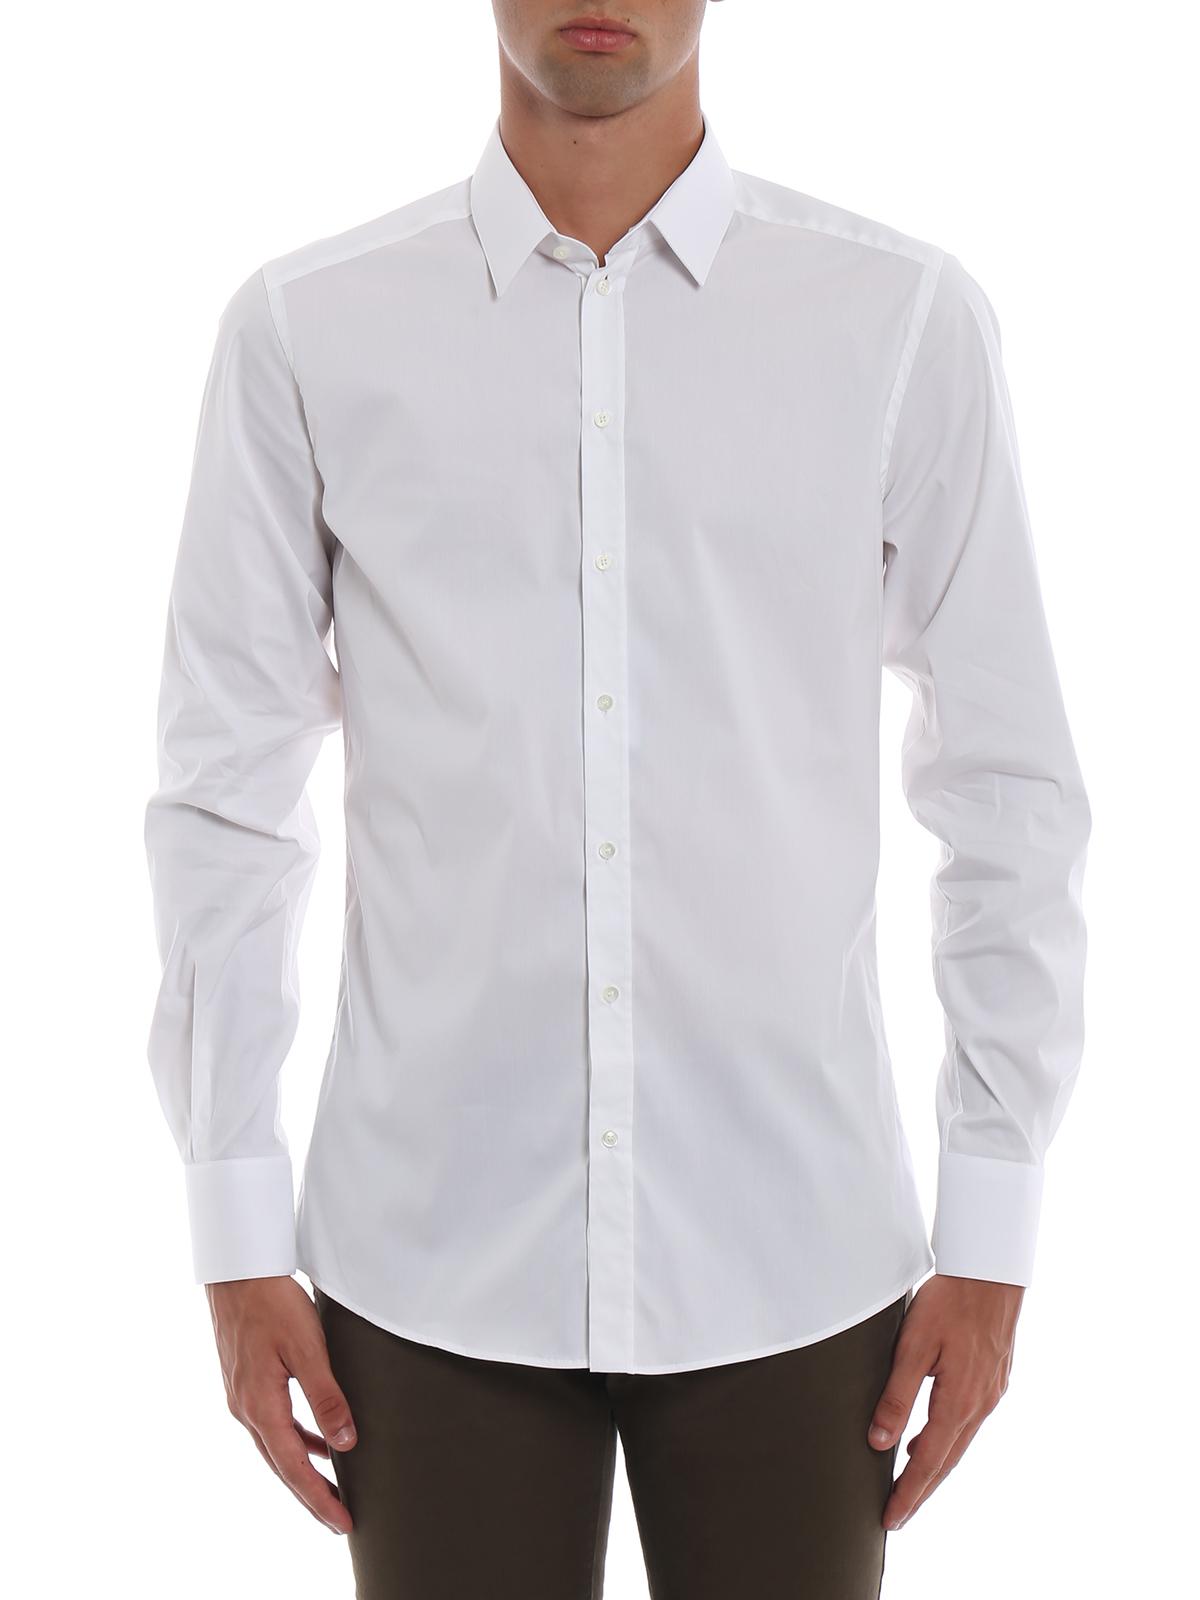 1a90b298d23c8 Weiß Dolceamp  Hemden G5ej0tfumryw0800 Gabbana Hemd XZuPiOkT